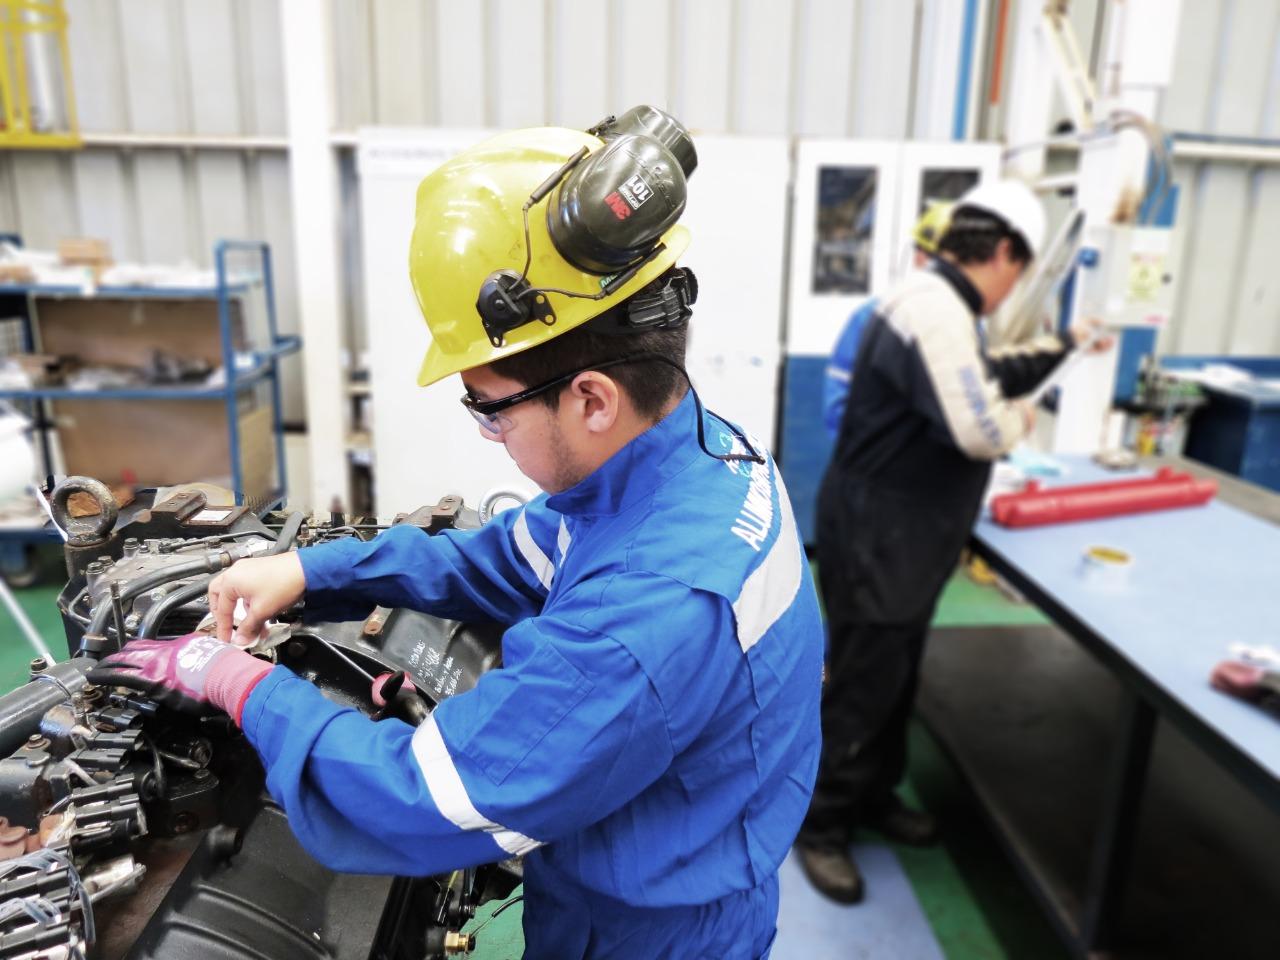 La Ley de Inclusión Laboral tiene un largo camino por recorrer